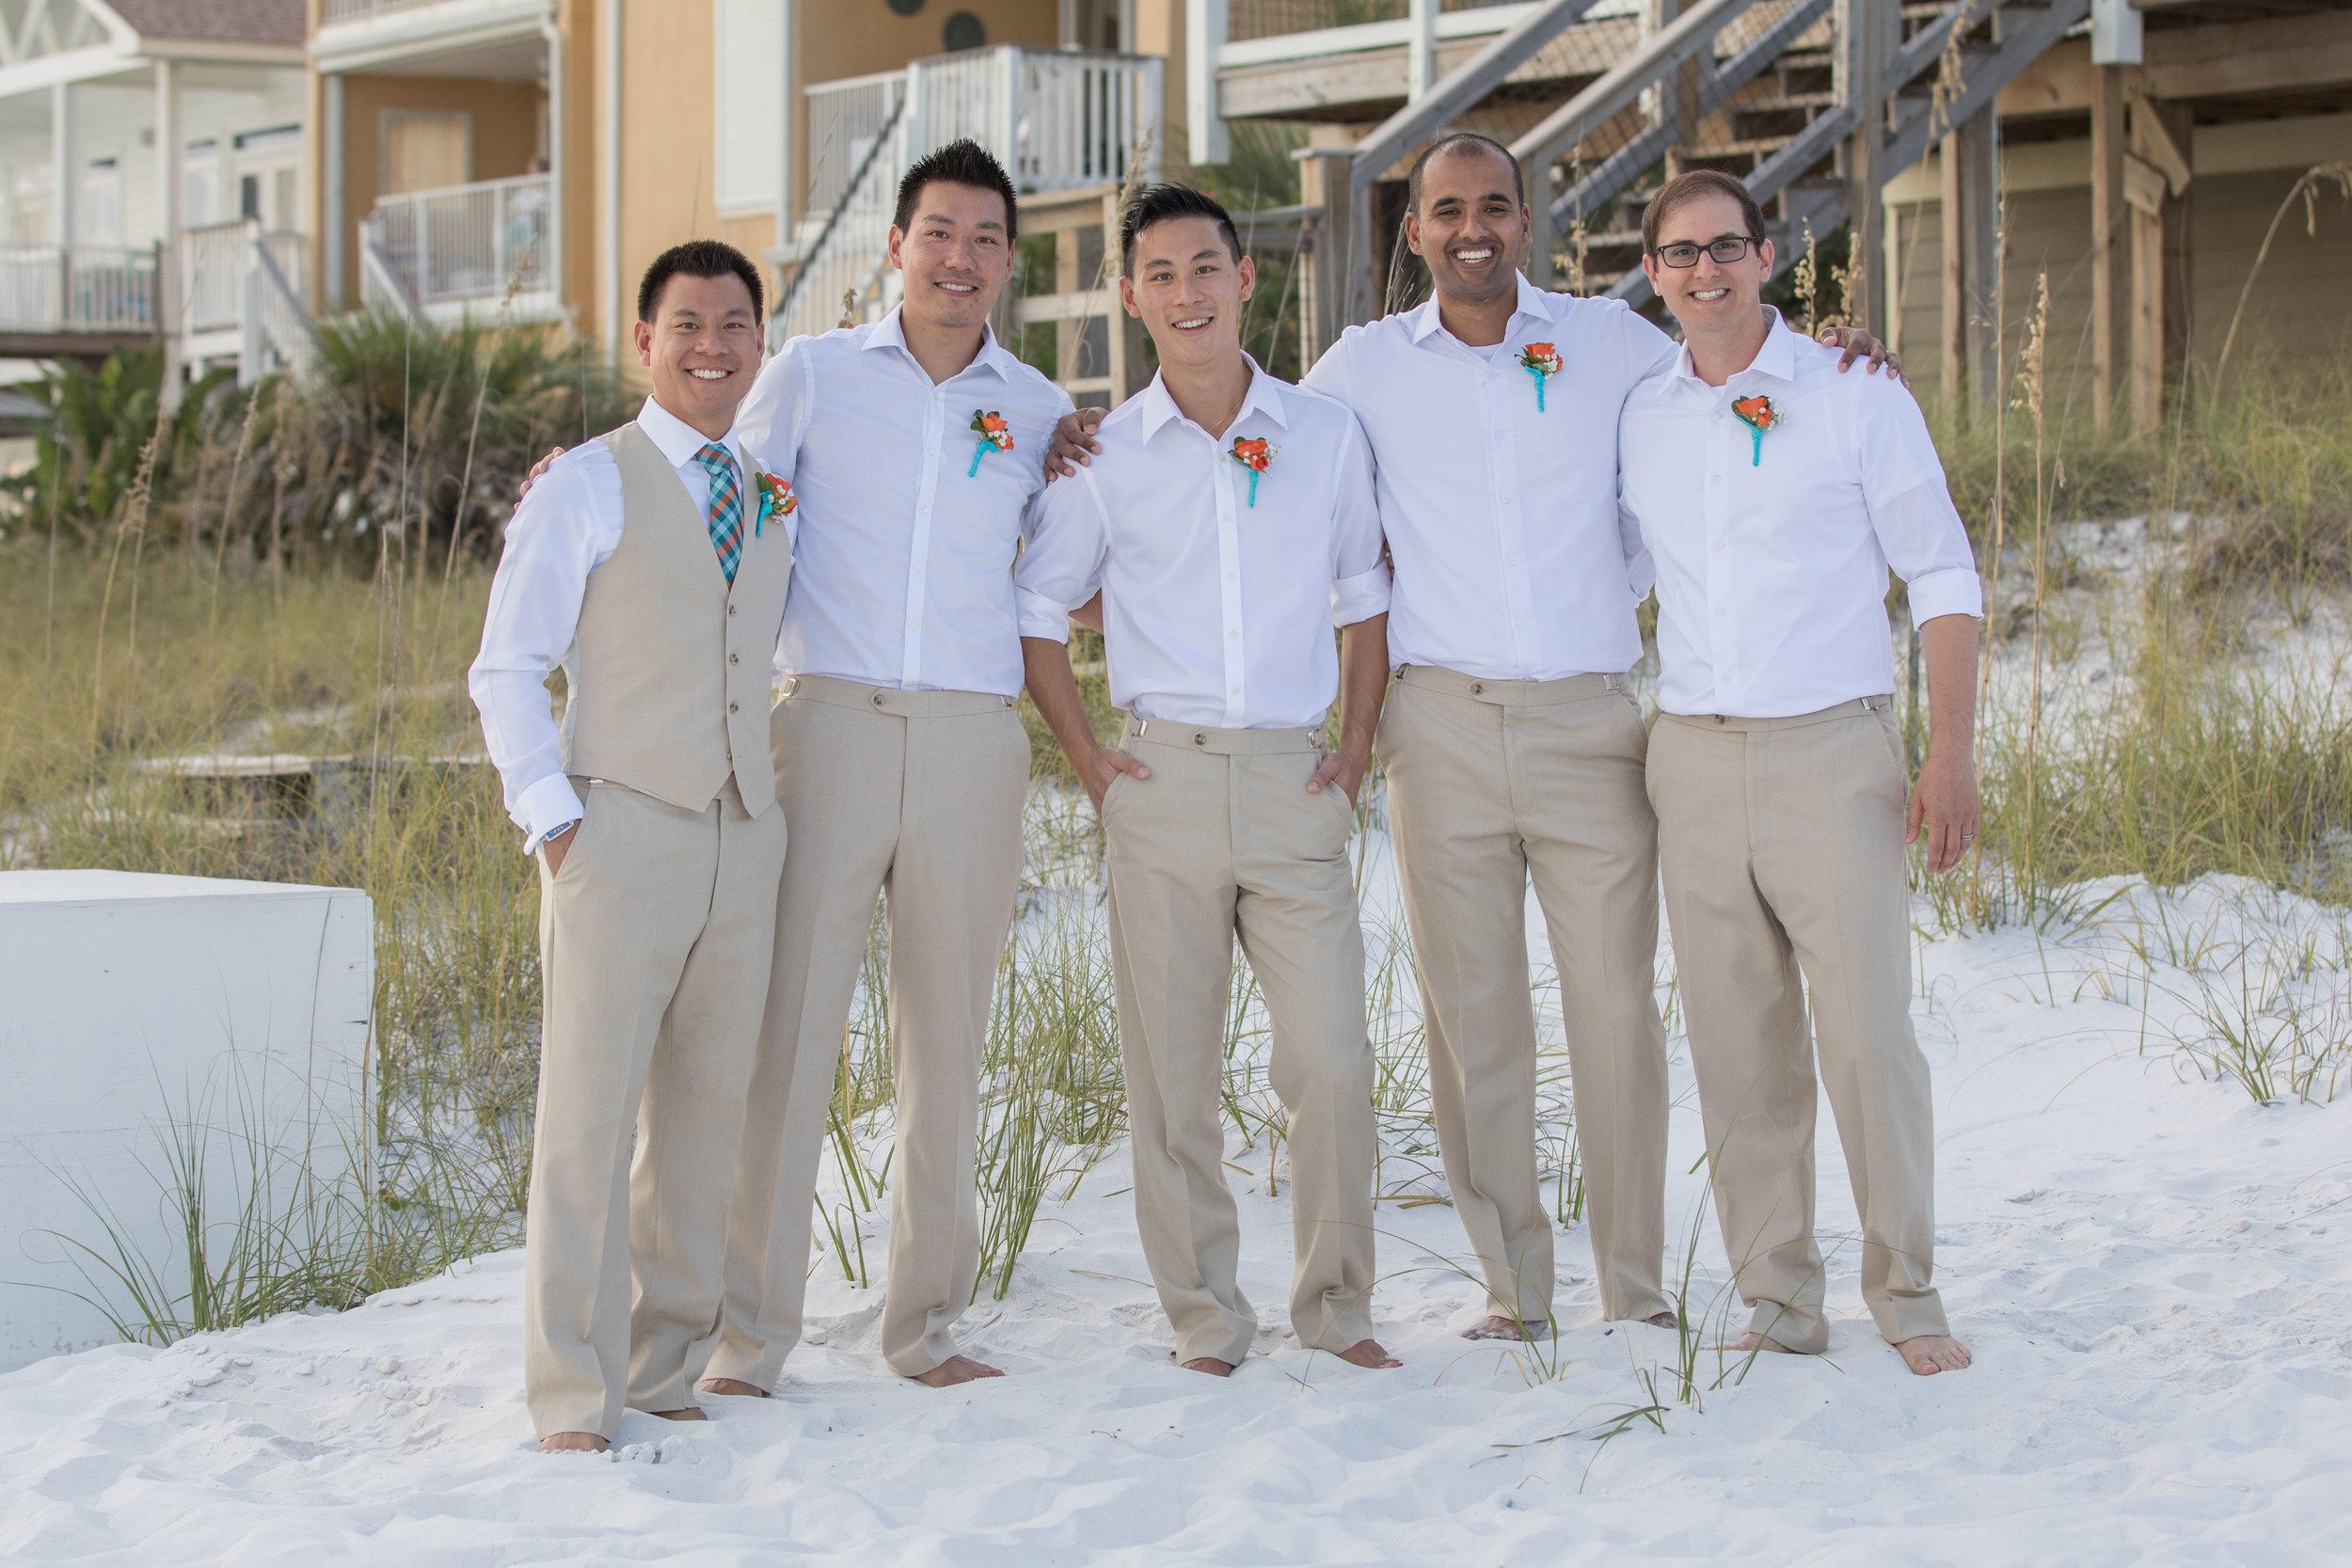 destin beach wedding package picture69_ (2).jpg